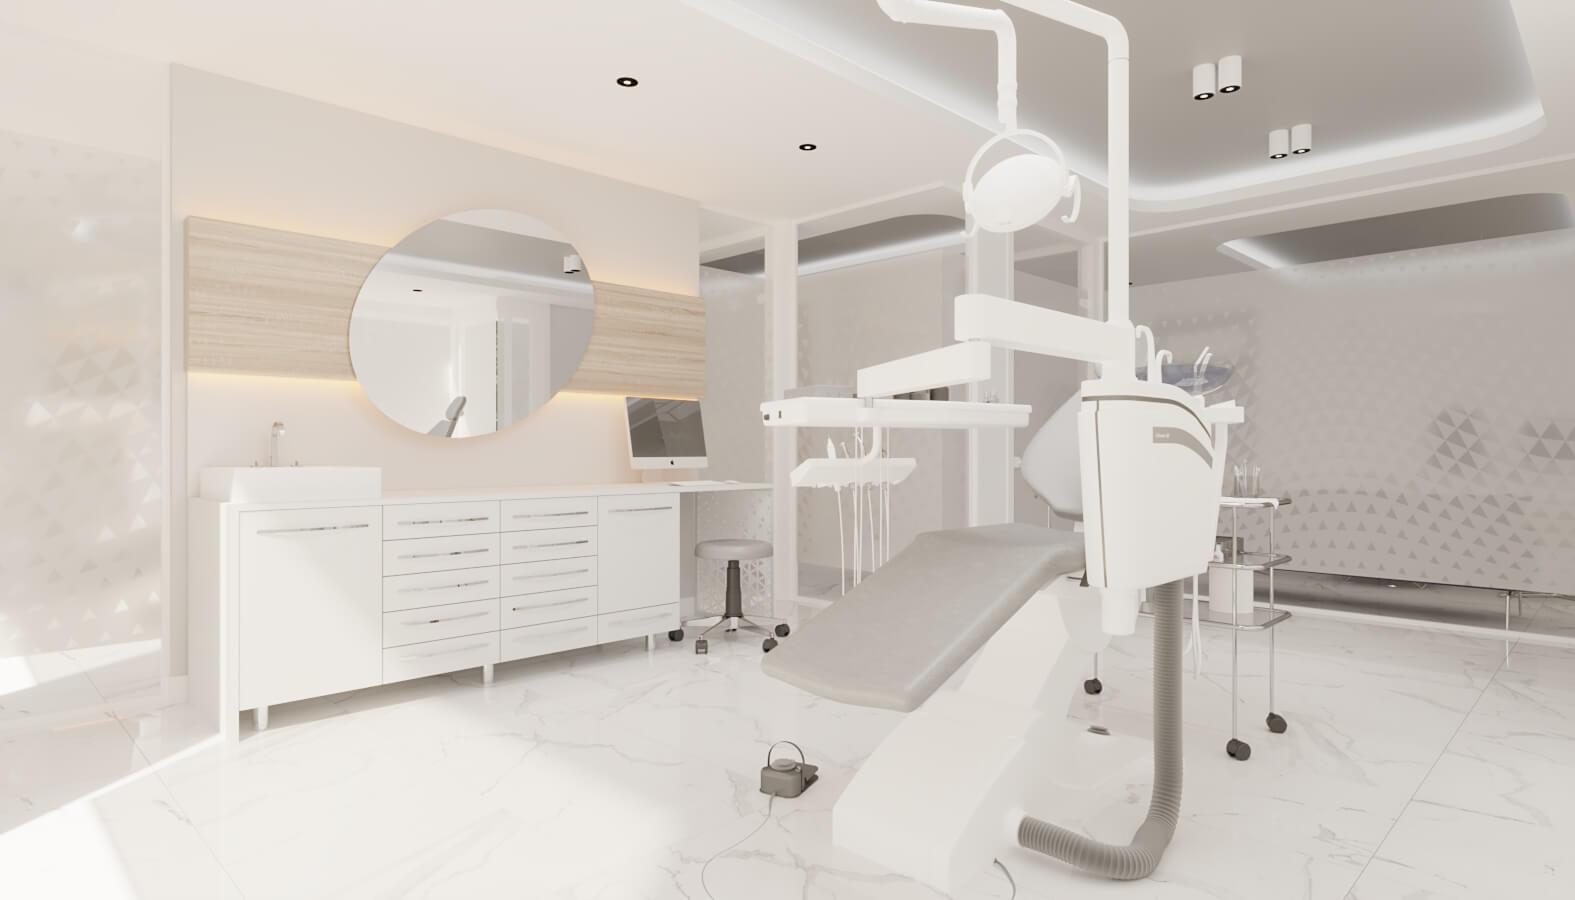 Cerrahi Poliklinik 4562 Ankara Diş Kliniği Tasarımı Sağlık